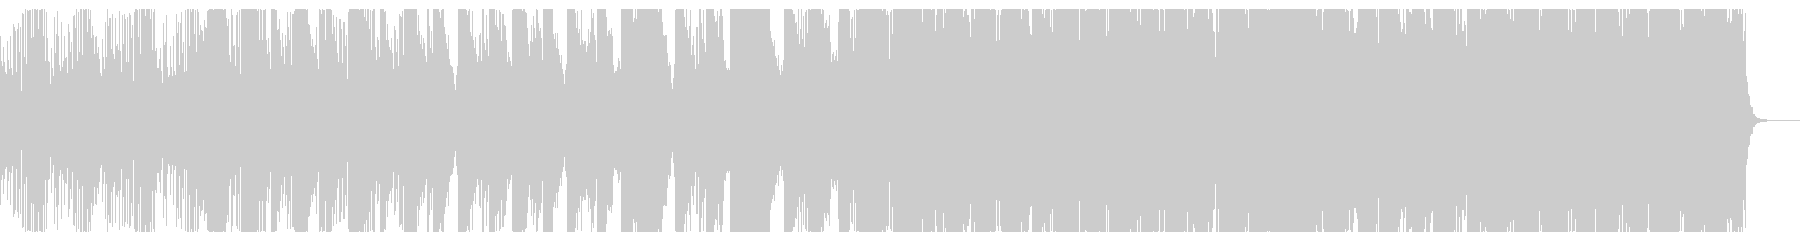 琴(箏)中心の落ち着いた和風曲の未再生の波形